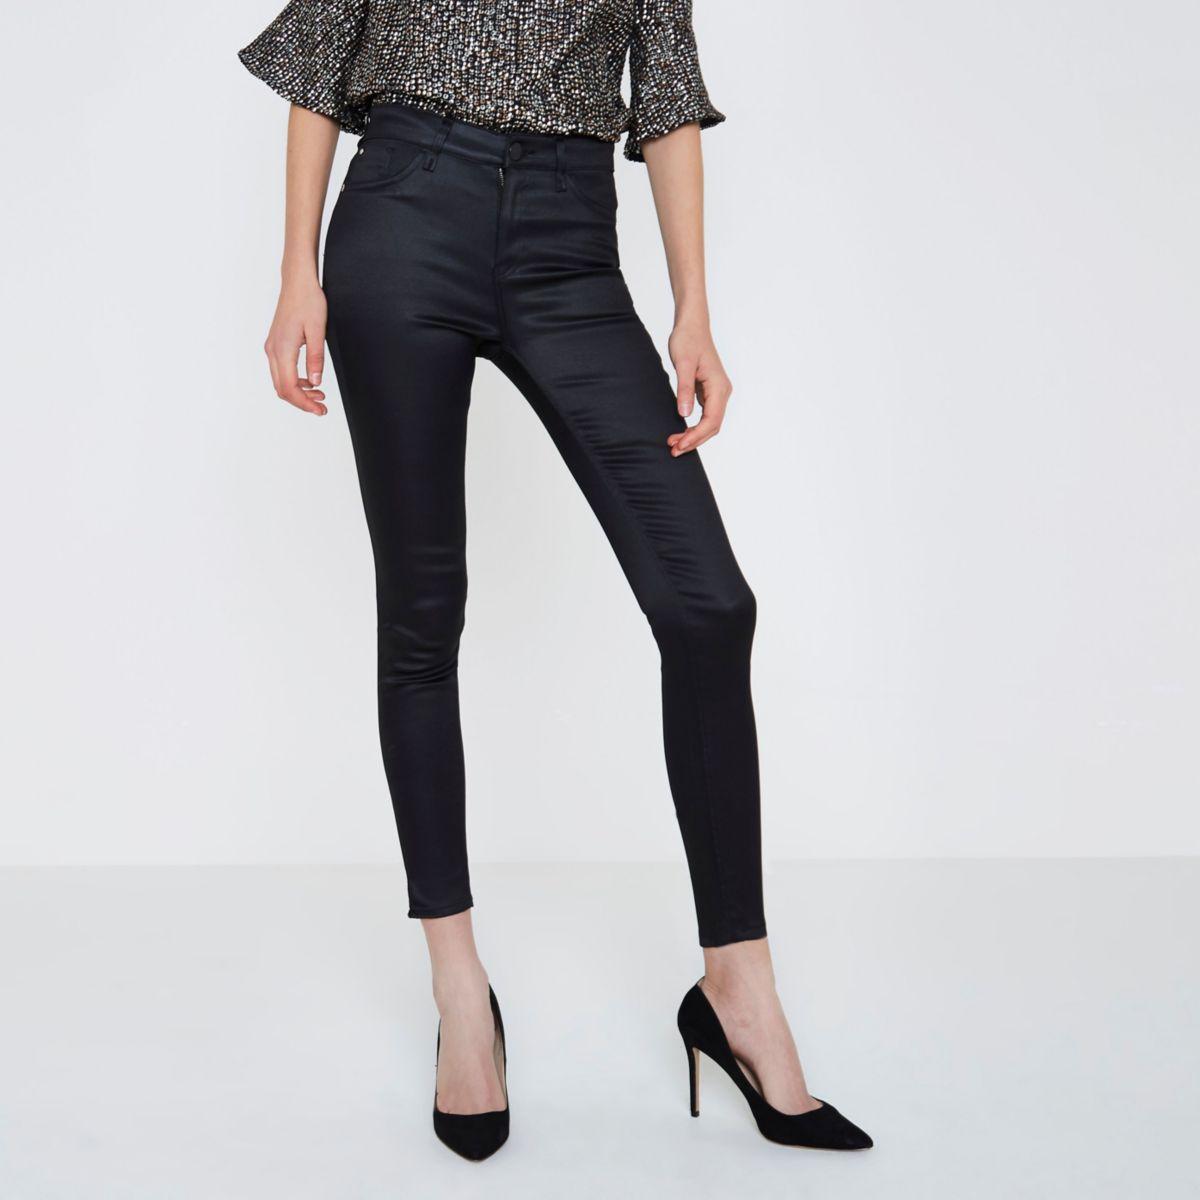 Amelie - Zwarte superskinny jeans met coating